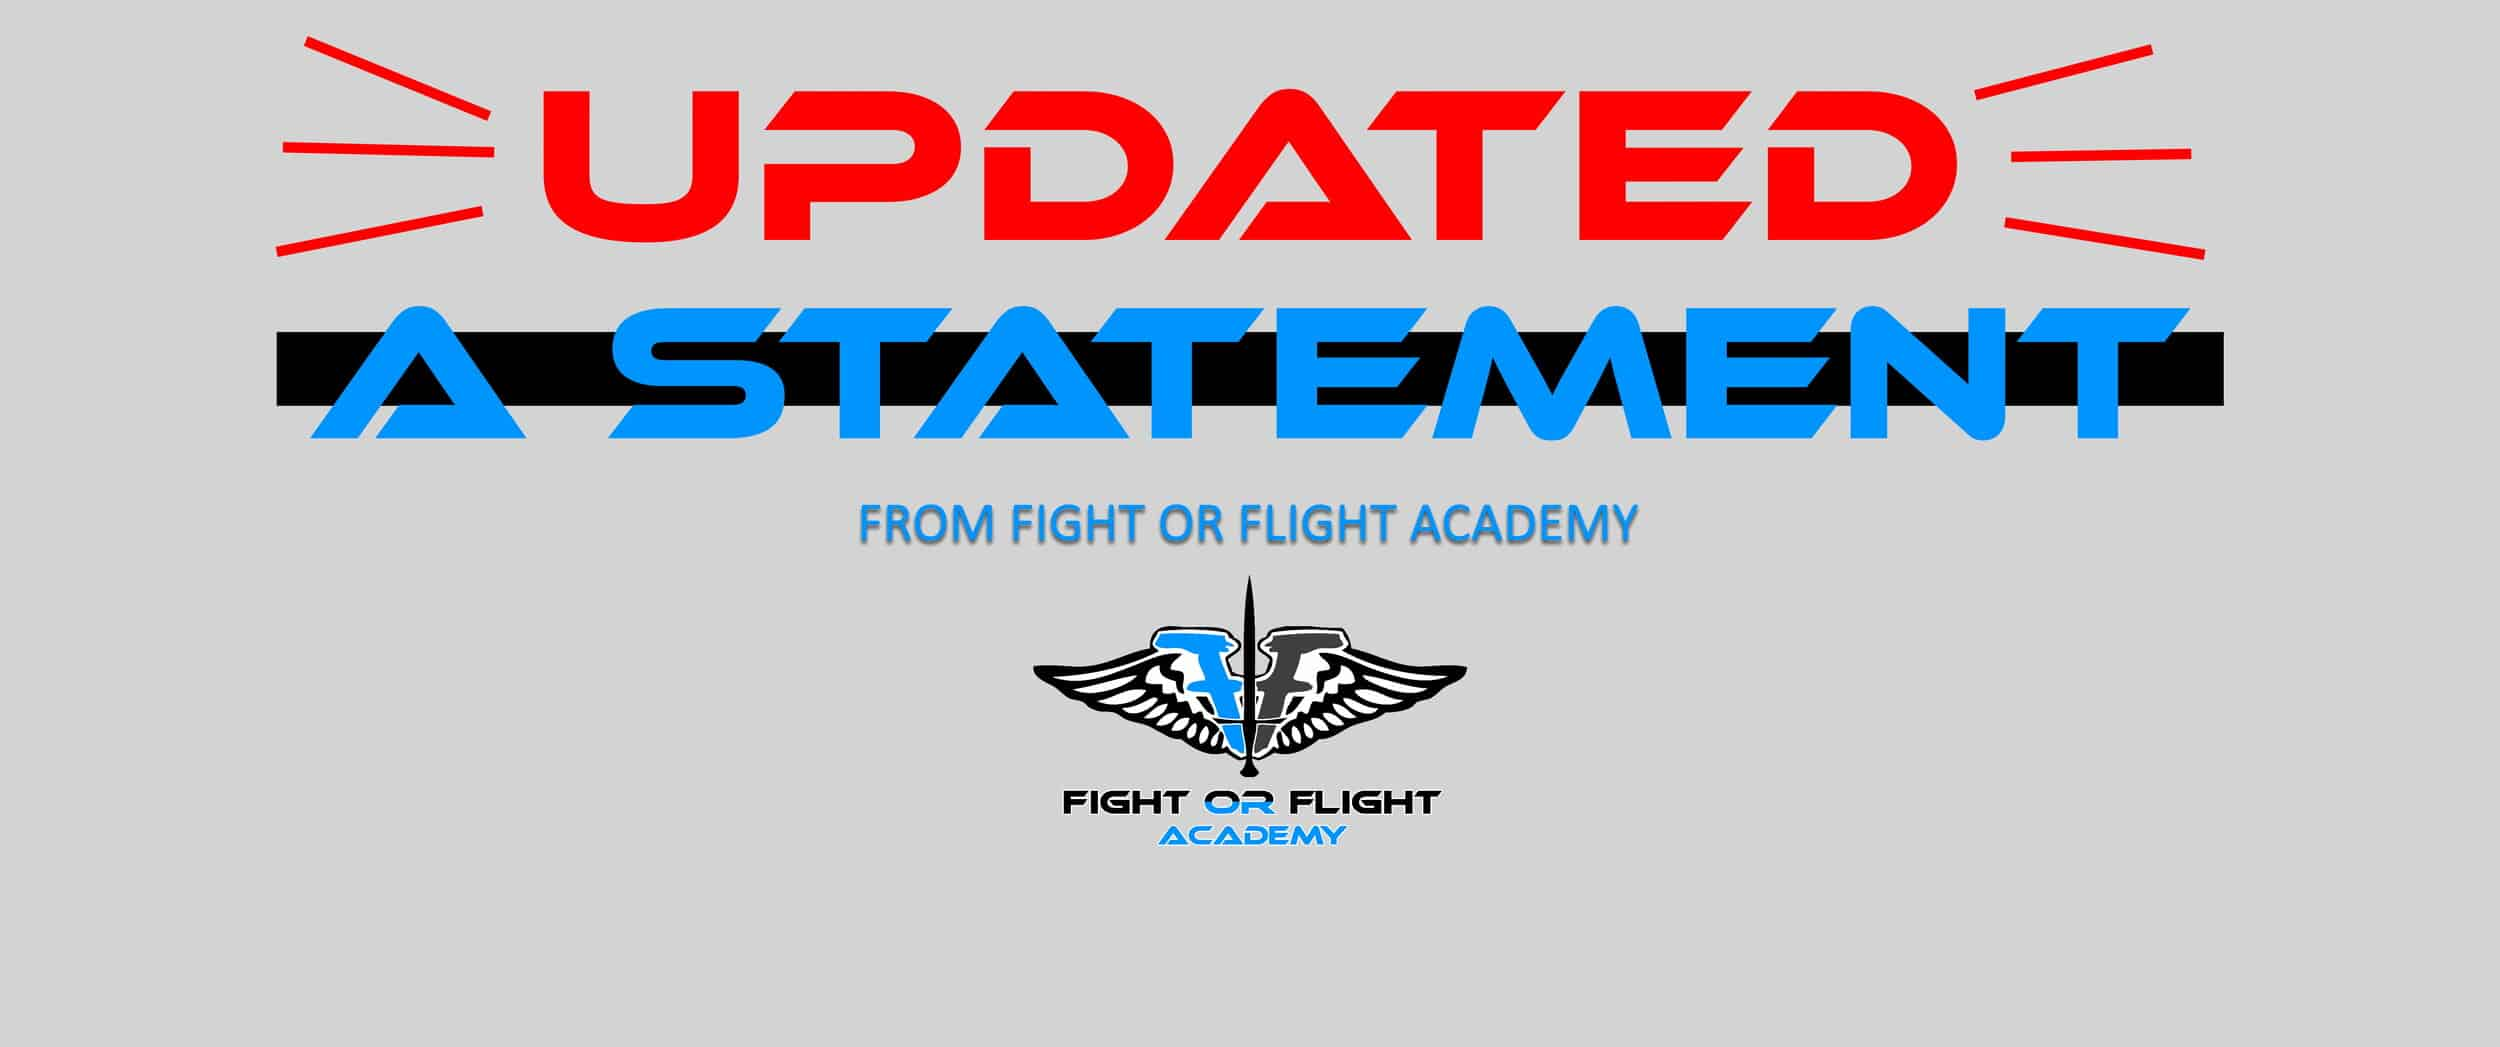 UPDATED Statement | COVID-19 Update